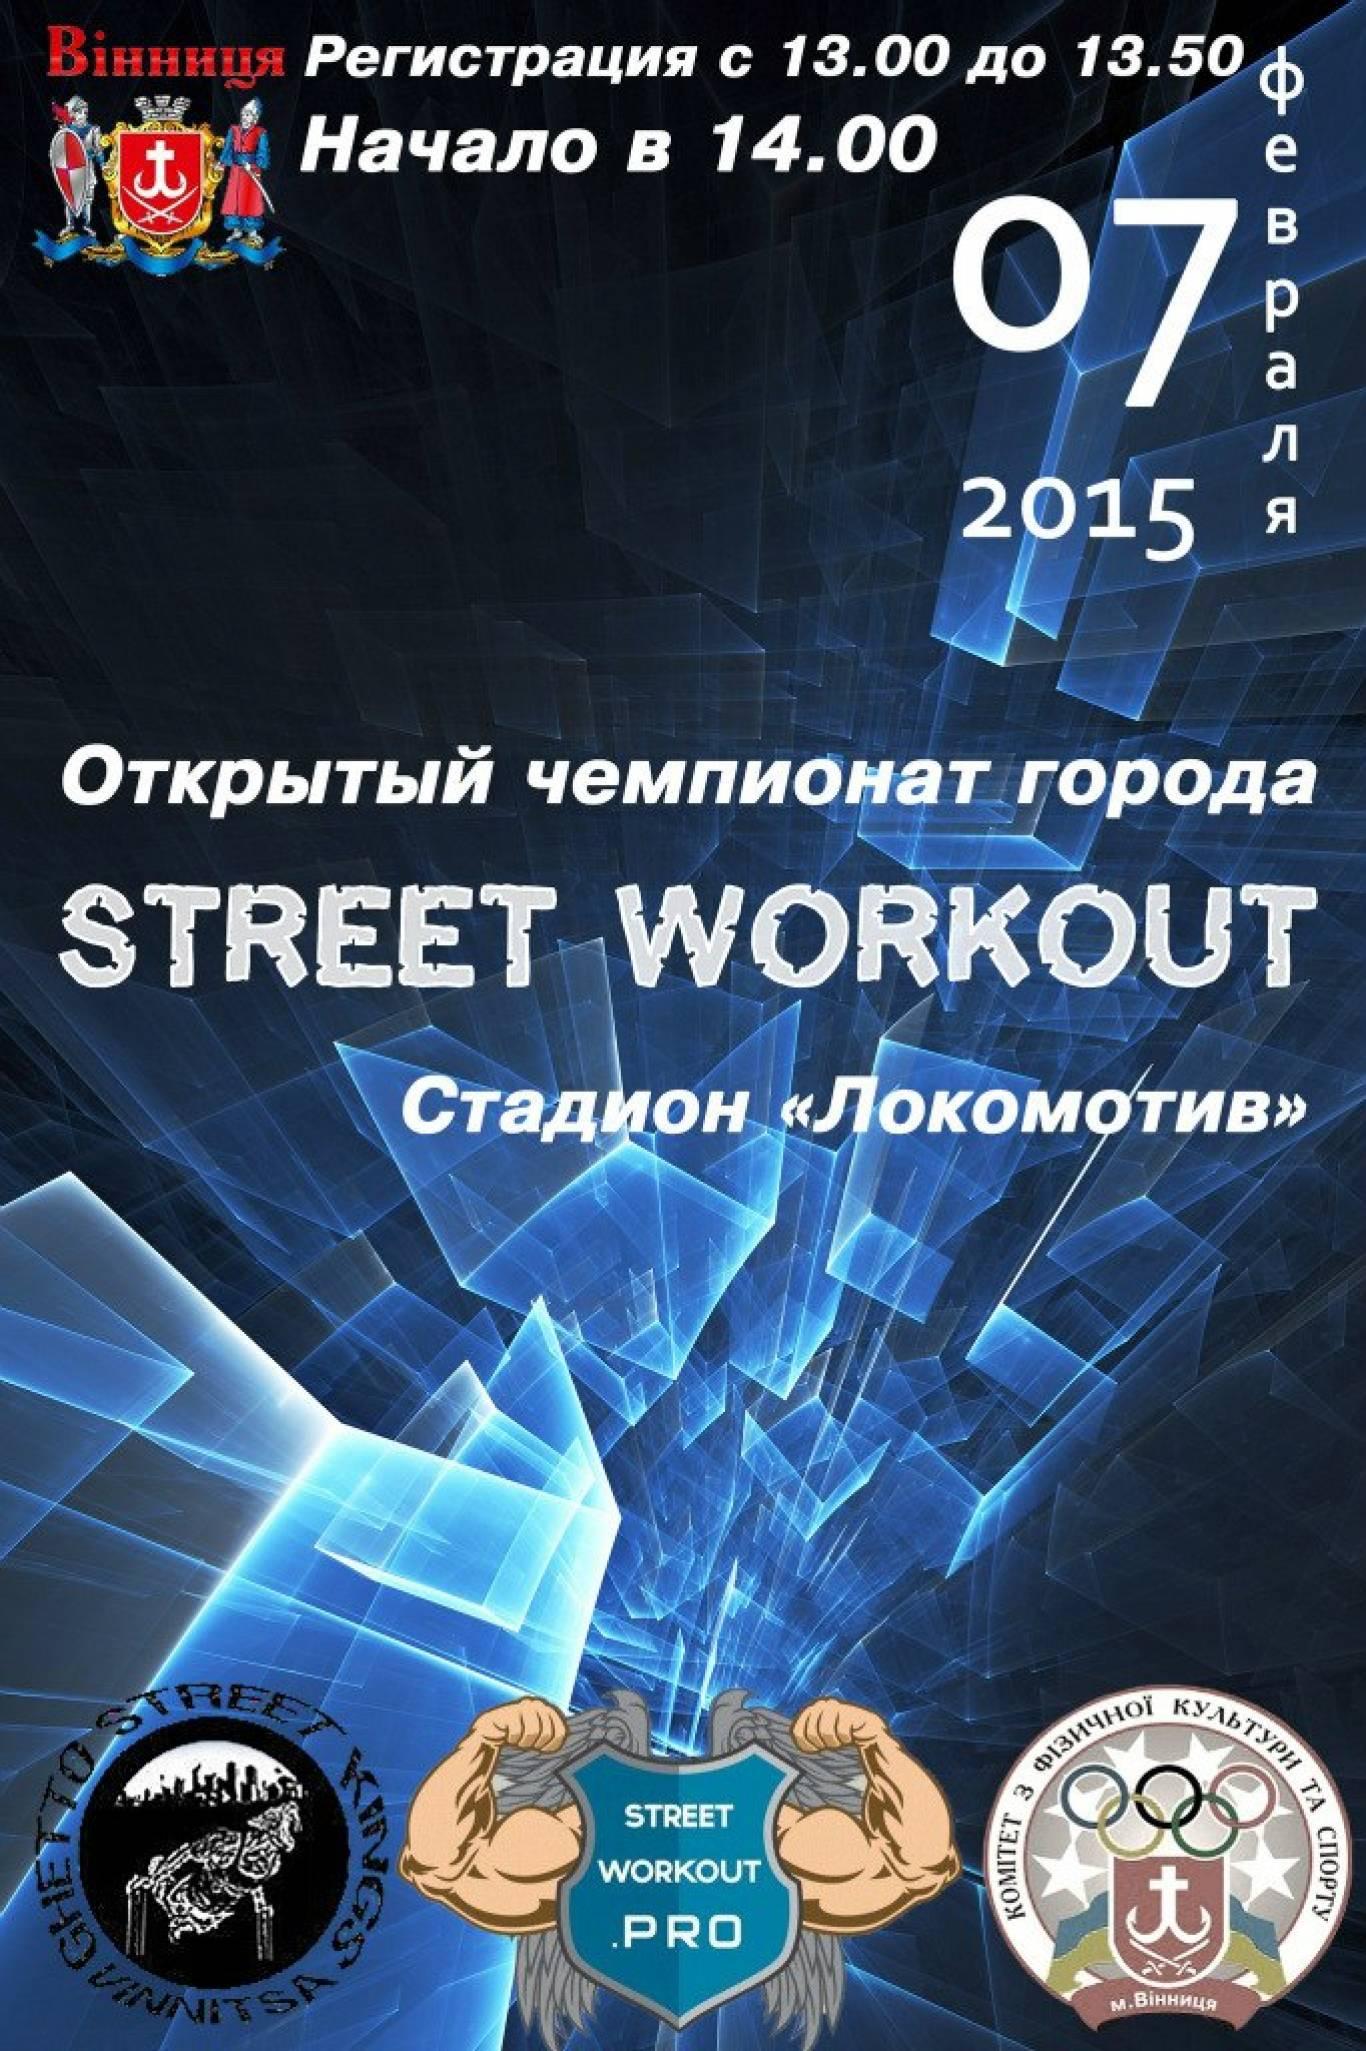 Відкритий чемпіонат міста STREET WORKOUT